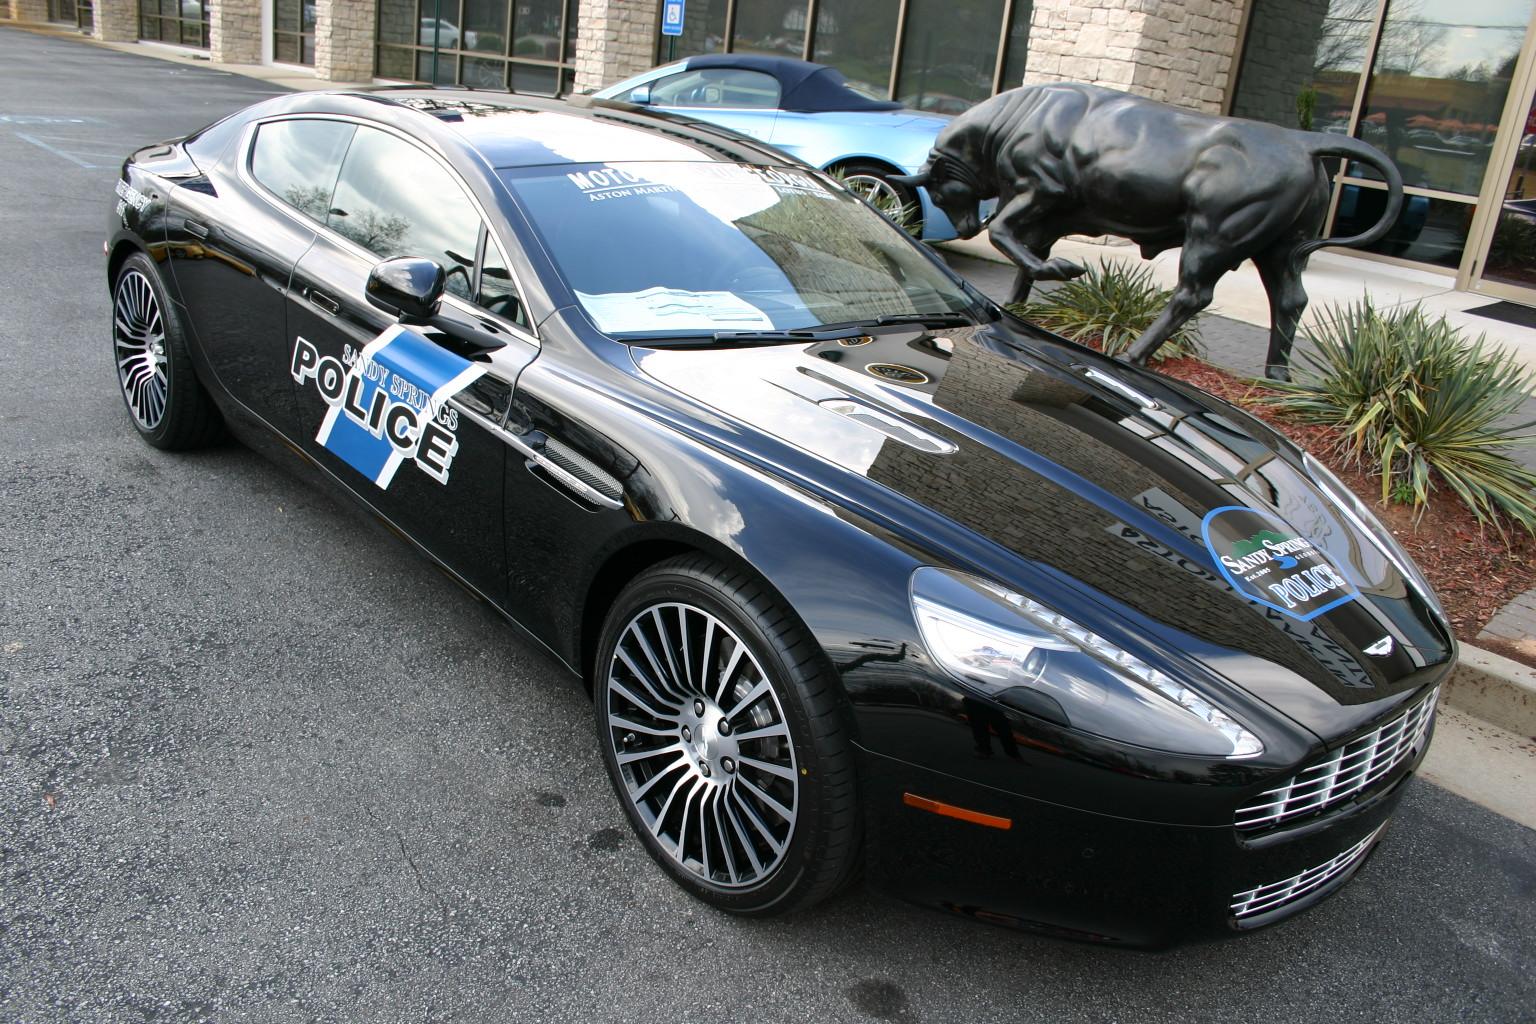 Look Out Atlanta Heres An Aston Martin Rapide Police Car Ed Bolian - Aston martin atlanta